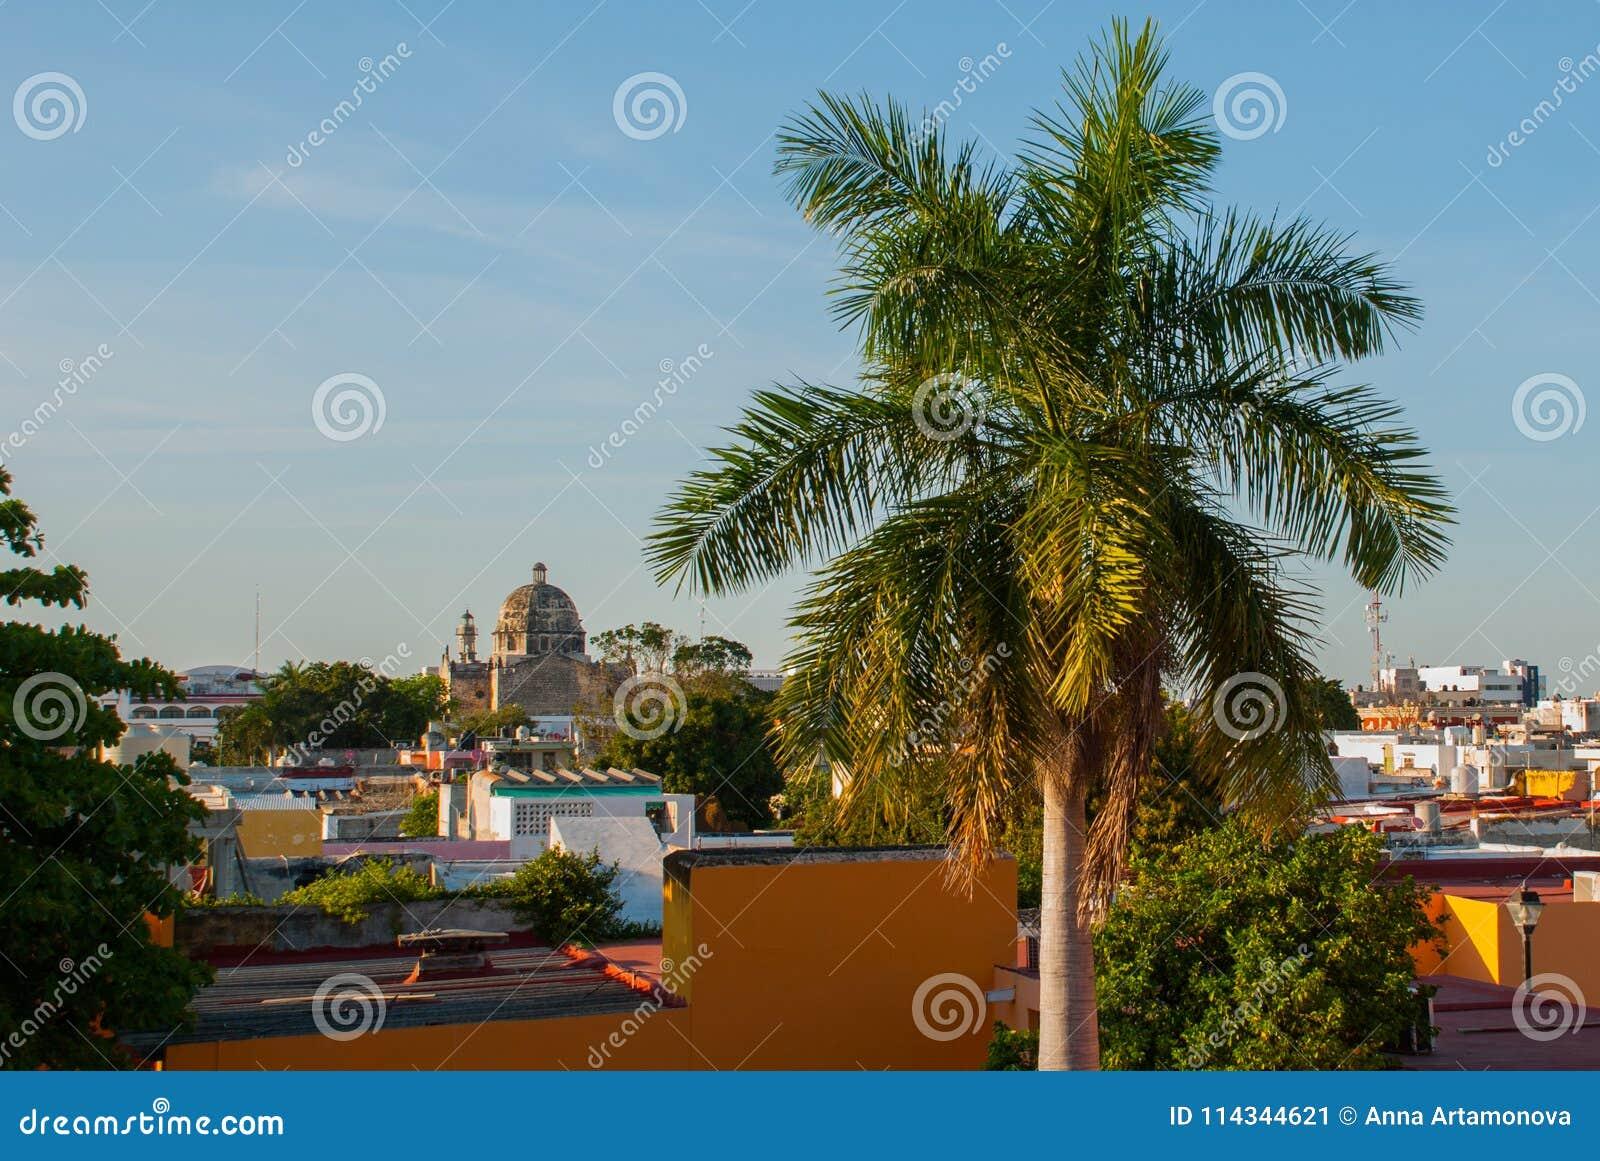 San Francisco de Campeche, Mexiko: Ansicht ehemaligen Sans Jose Cathedral Es war der Haupttempel des Jesuitklosters, jetzt ein Cu